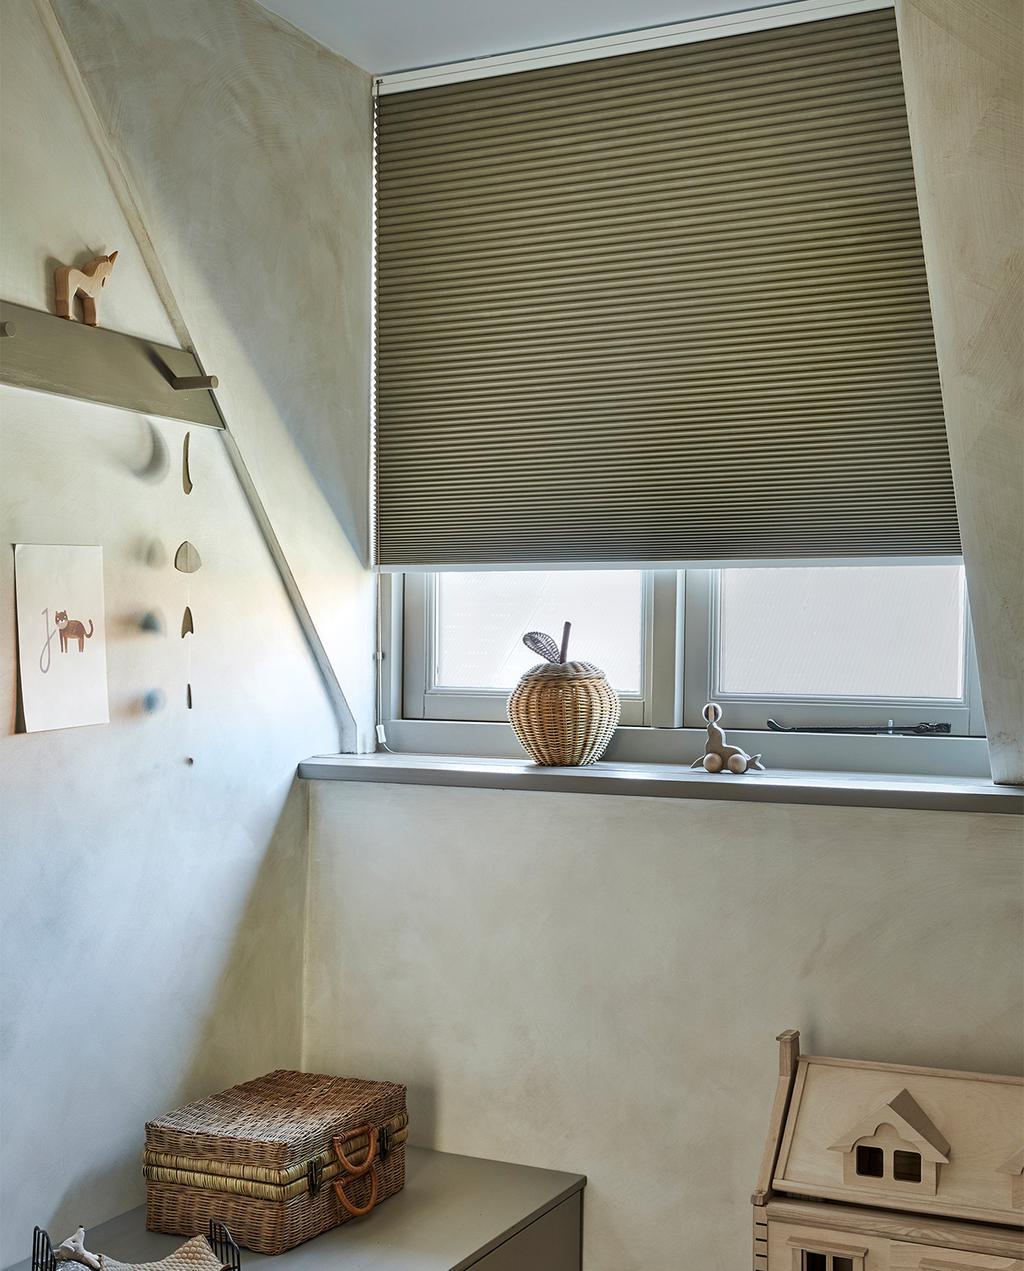 vtwonen 09-2021 | speelgoed huis voor het verduisterde raam met plisségordijn